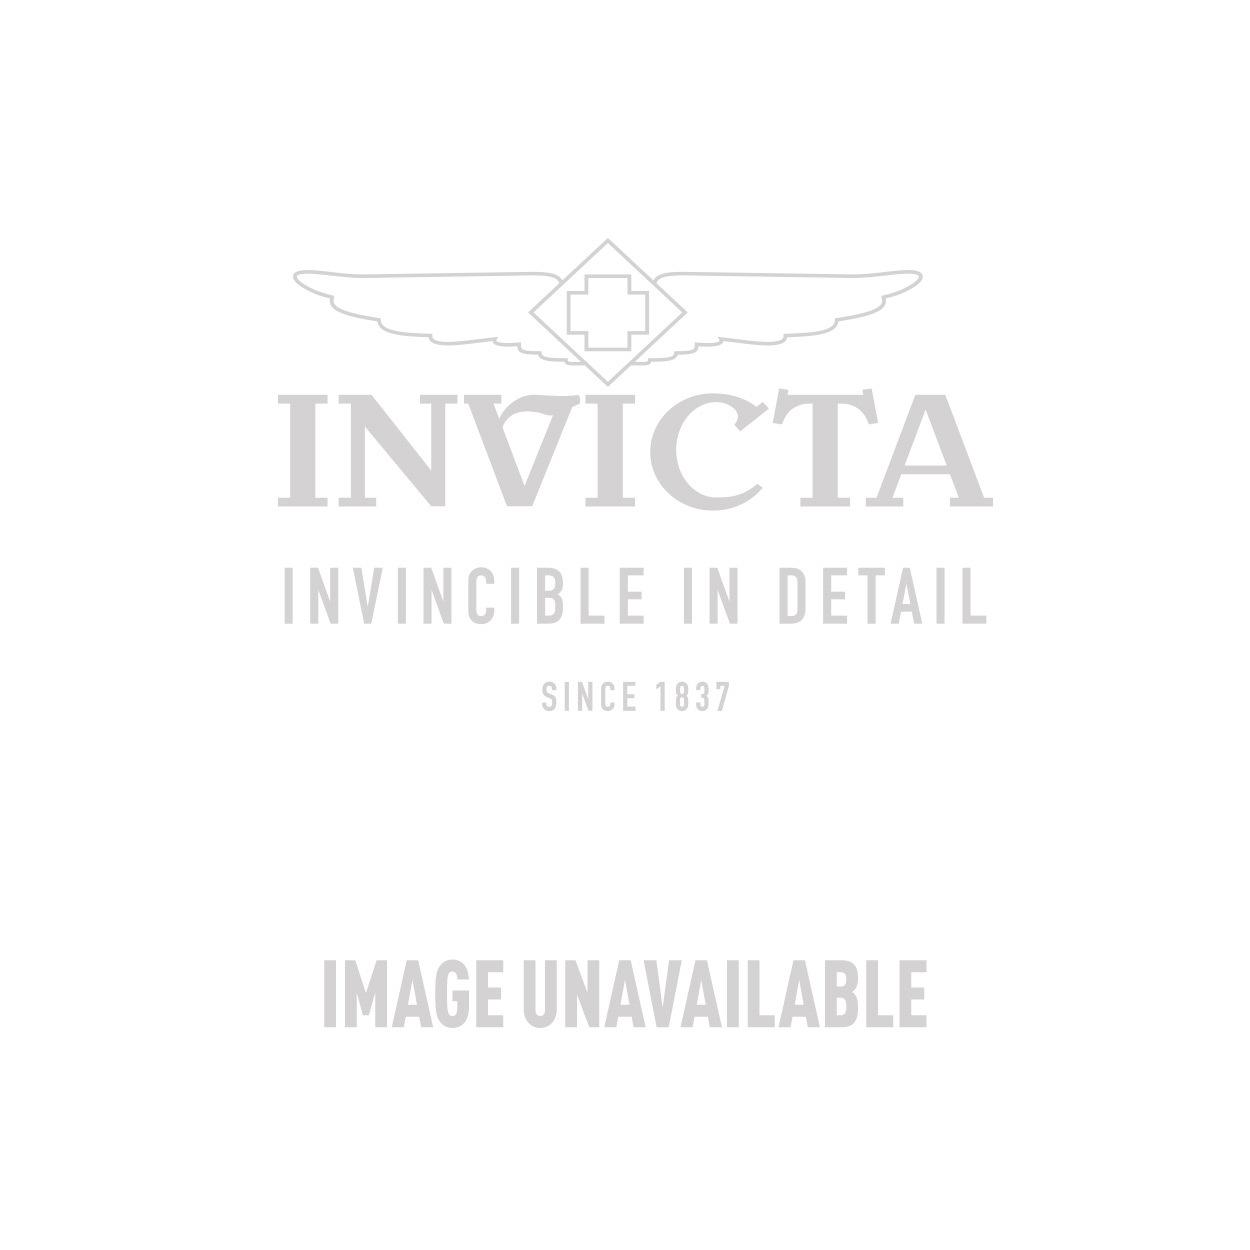 Invicta Model 25483